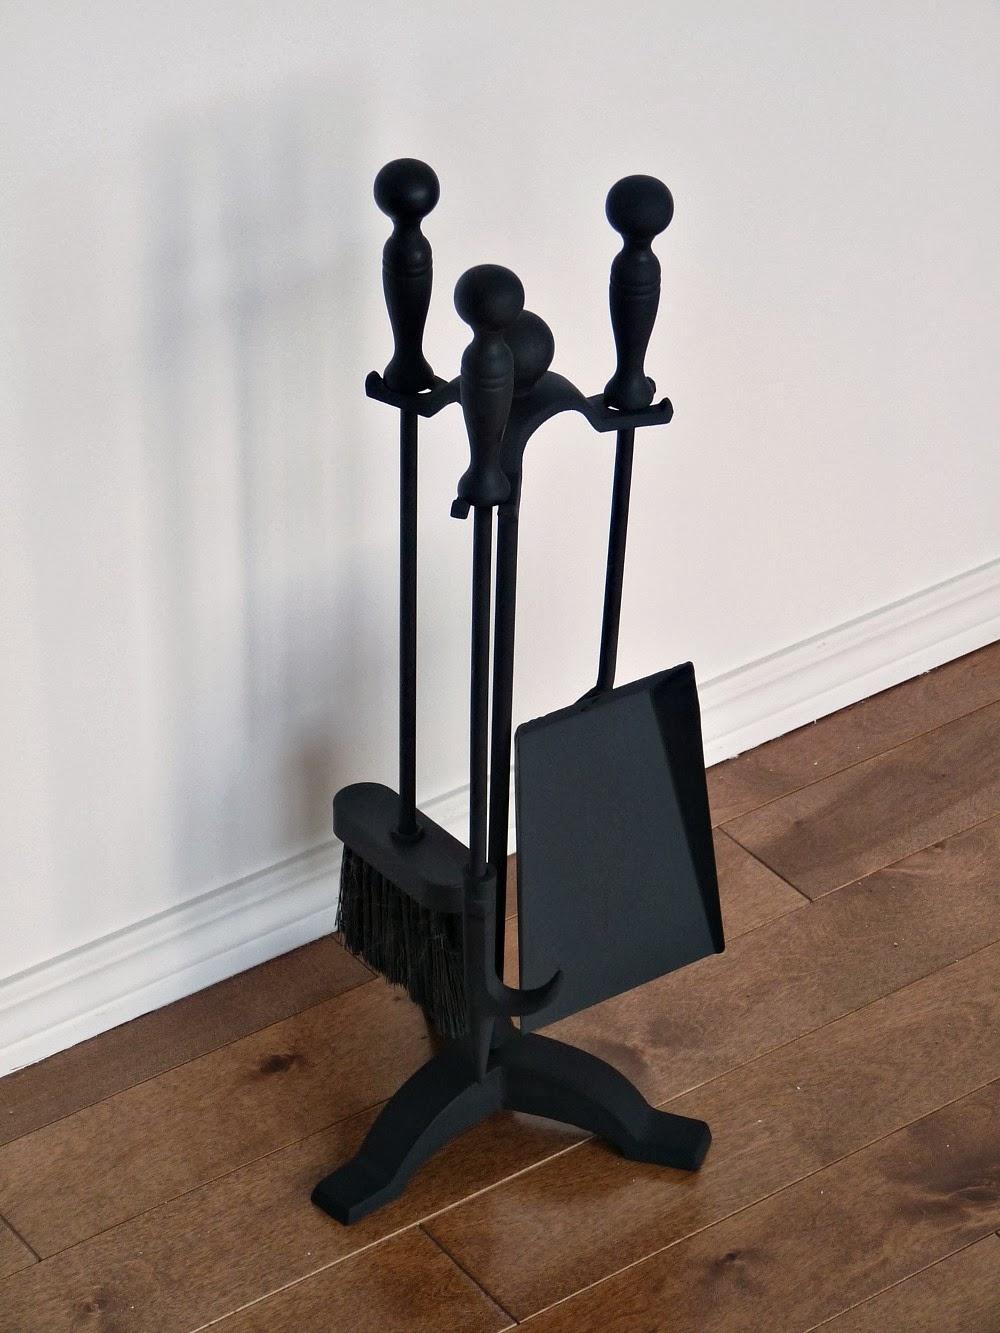 Matte black fireplace tools DIY